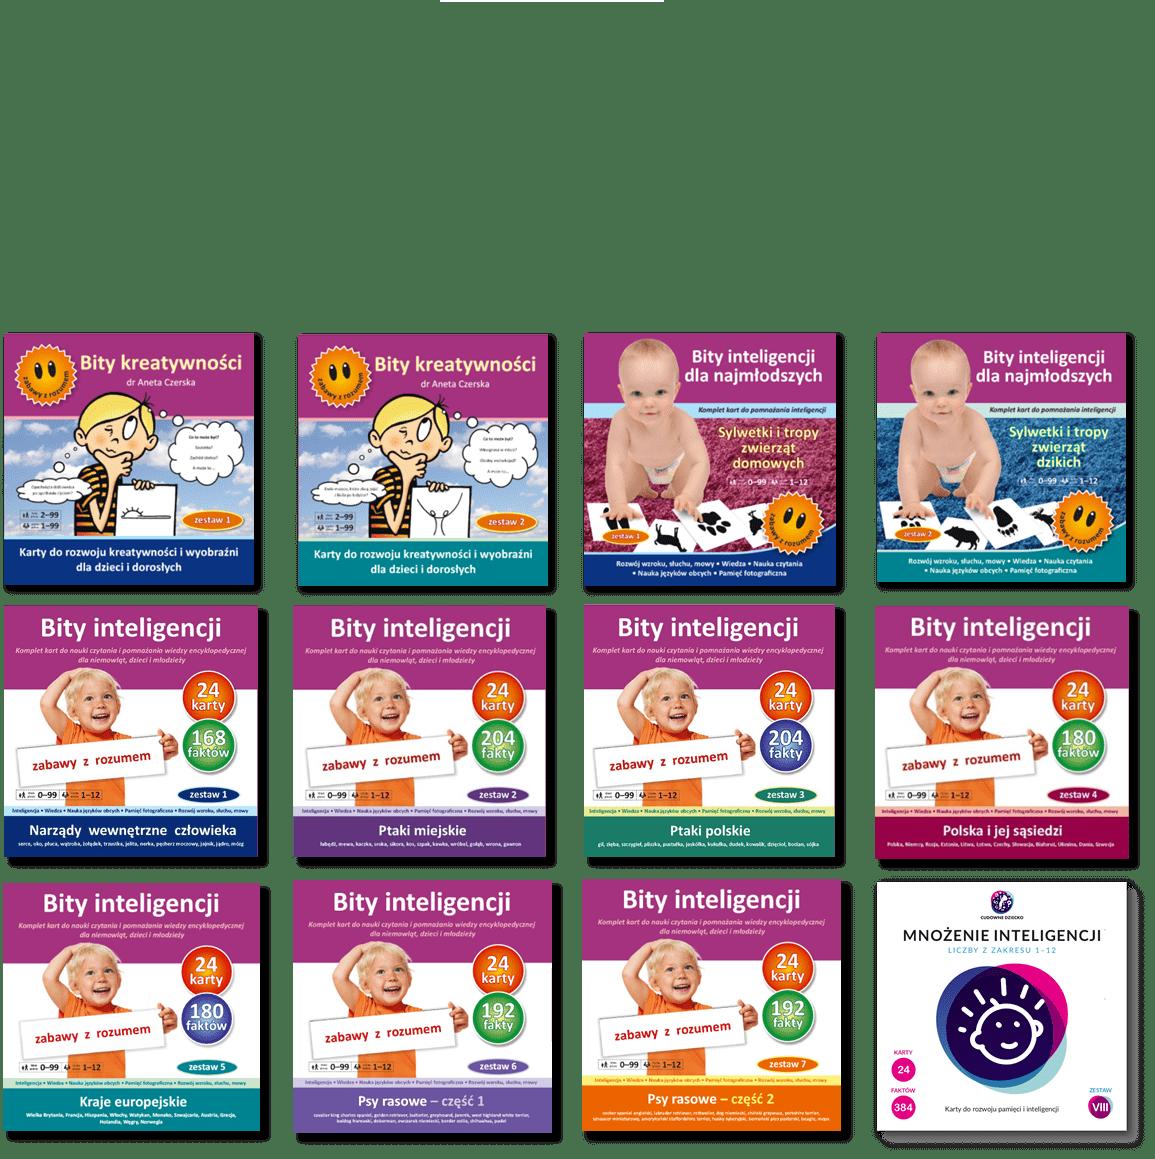 pakiet bity inteligencji karty do rozwoju kreatywności i karty kontrastowe do rozwoju wzroku